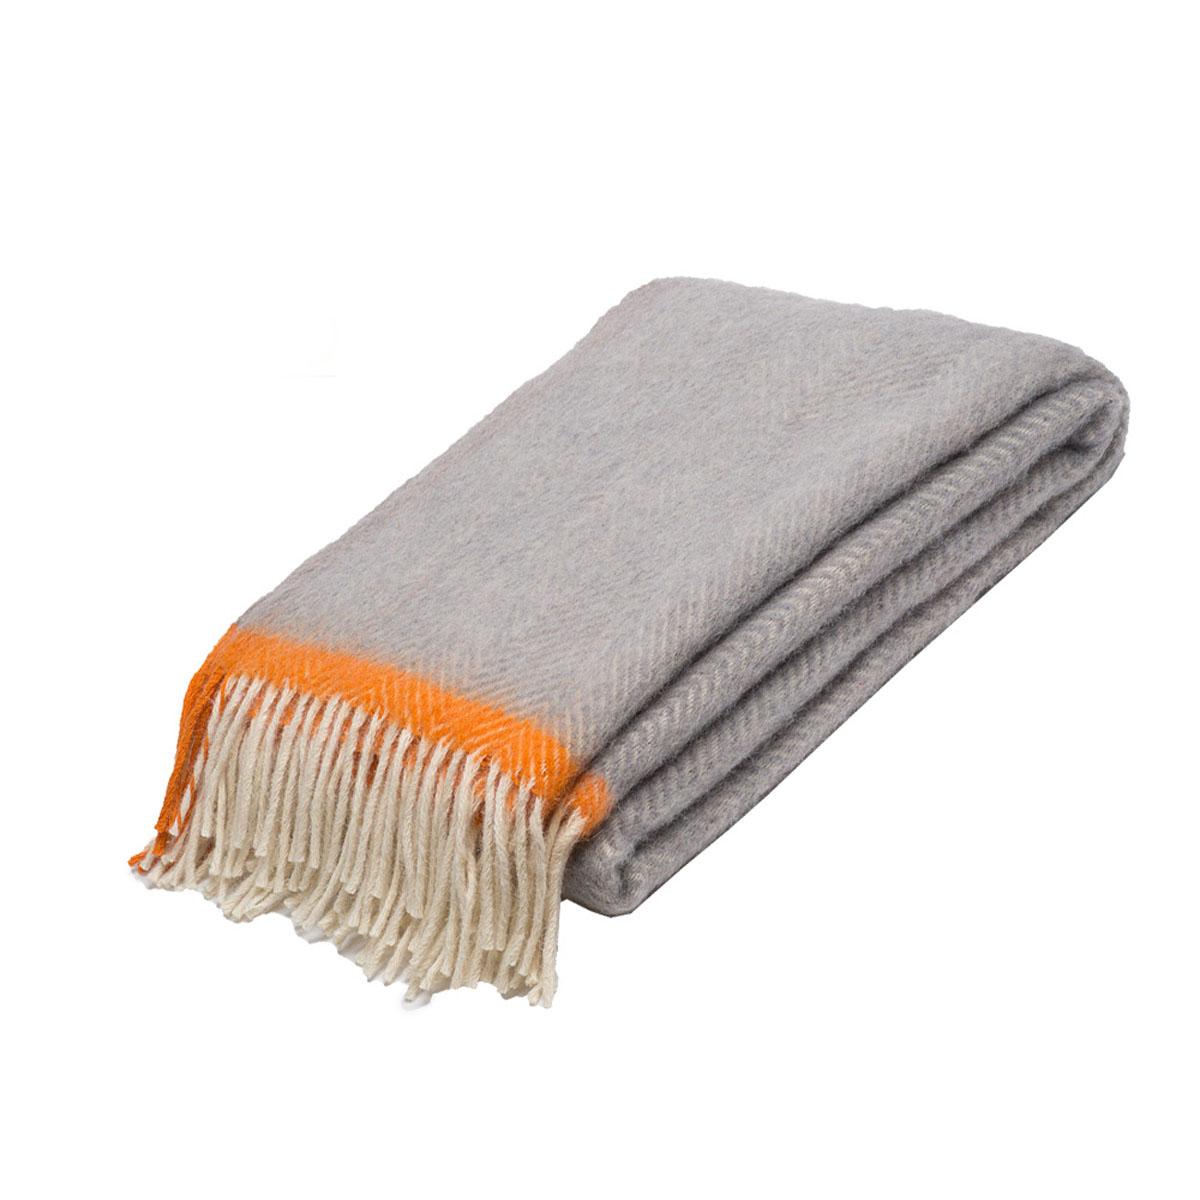 Плед Руно Mone, цвет: светло-серый, оранжевый, 140 х 200 см. 1-541-140 (02)FD-59Плед Руно Mone гармонично впишется в интерьер вашего дома и создаст атмосферу уюта и комфорта. Чрезвычайно мягкий и теплый плед с кистями изготовлен из натуральной овечьей шерсти. Высочайшее качество материала гарантирует безопасность не только взрослых, но и самых маленьких членов семьи.Плед - это такой подарок, который будет всегда актуален, особенно для ваших родных и близких, ведь вы дарите им частичку своего тепла!